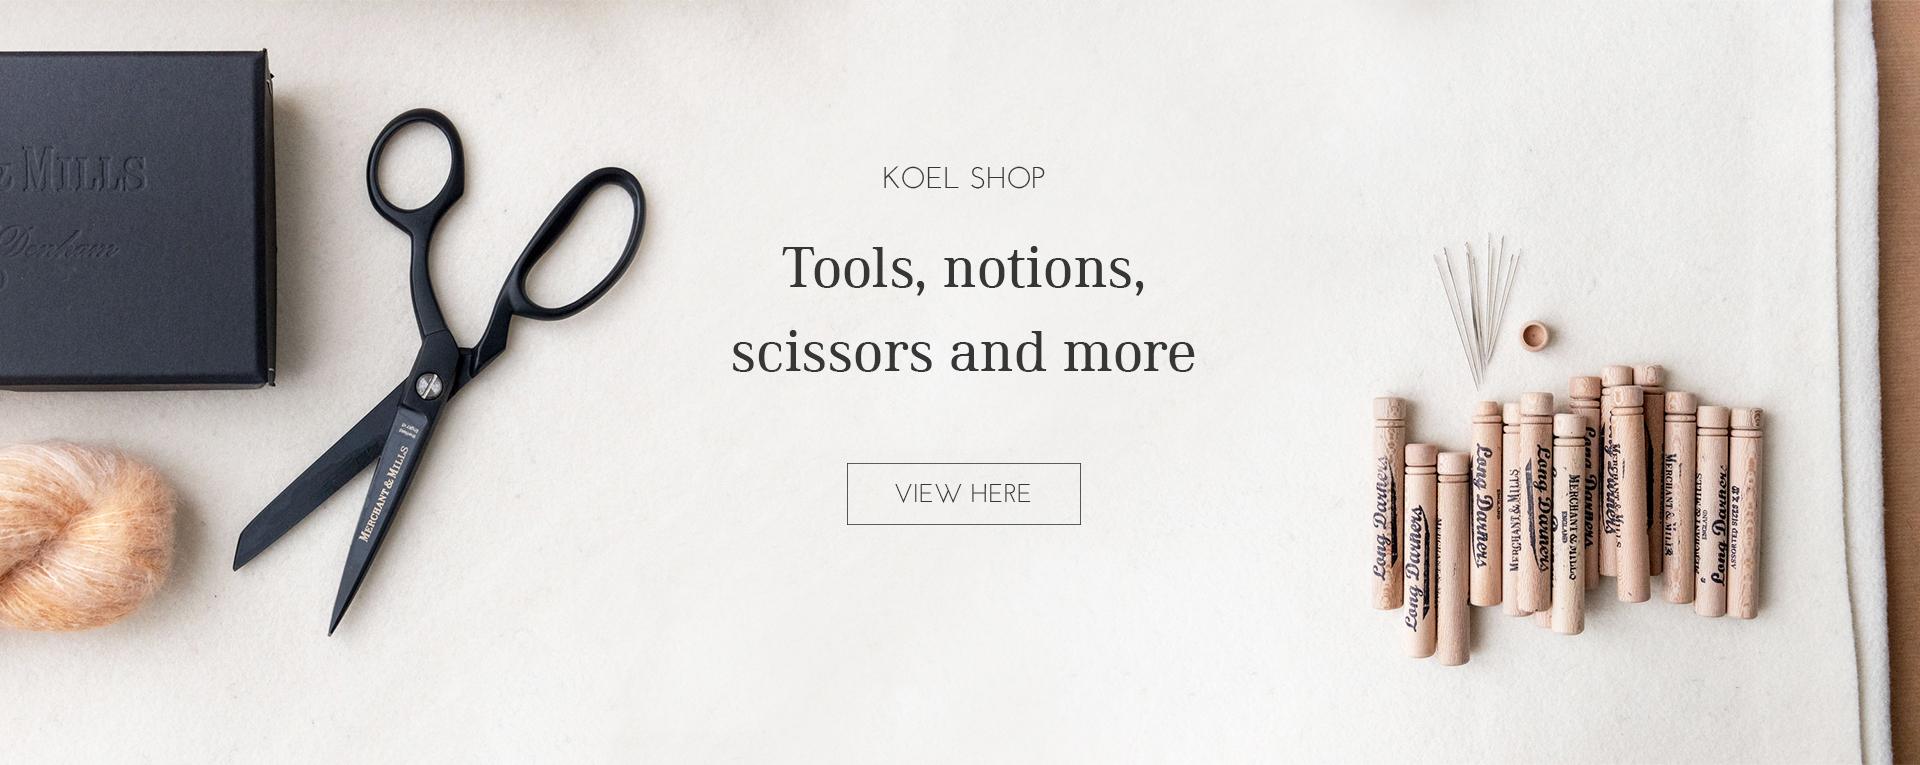 koel shop banner_tools.jpg